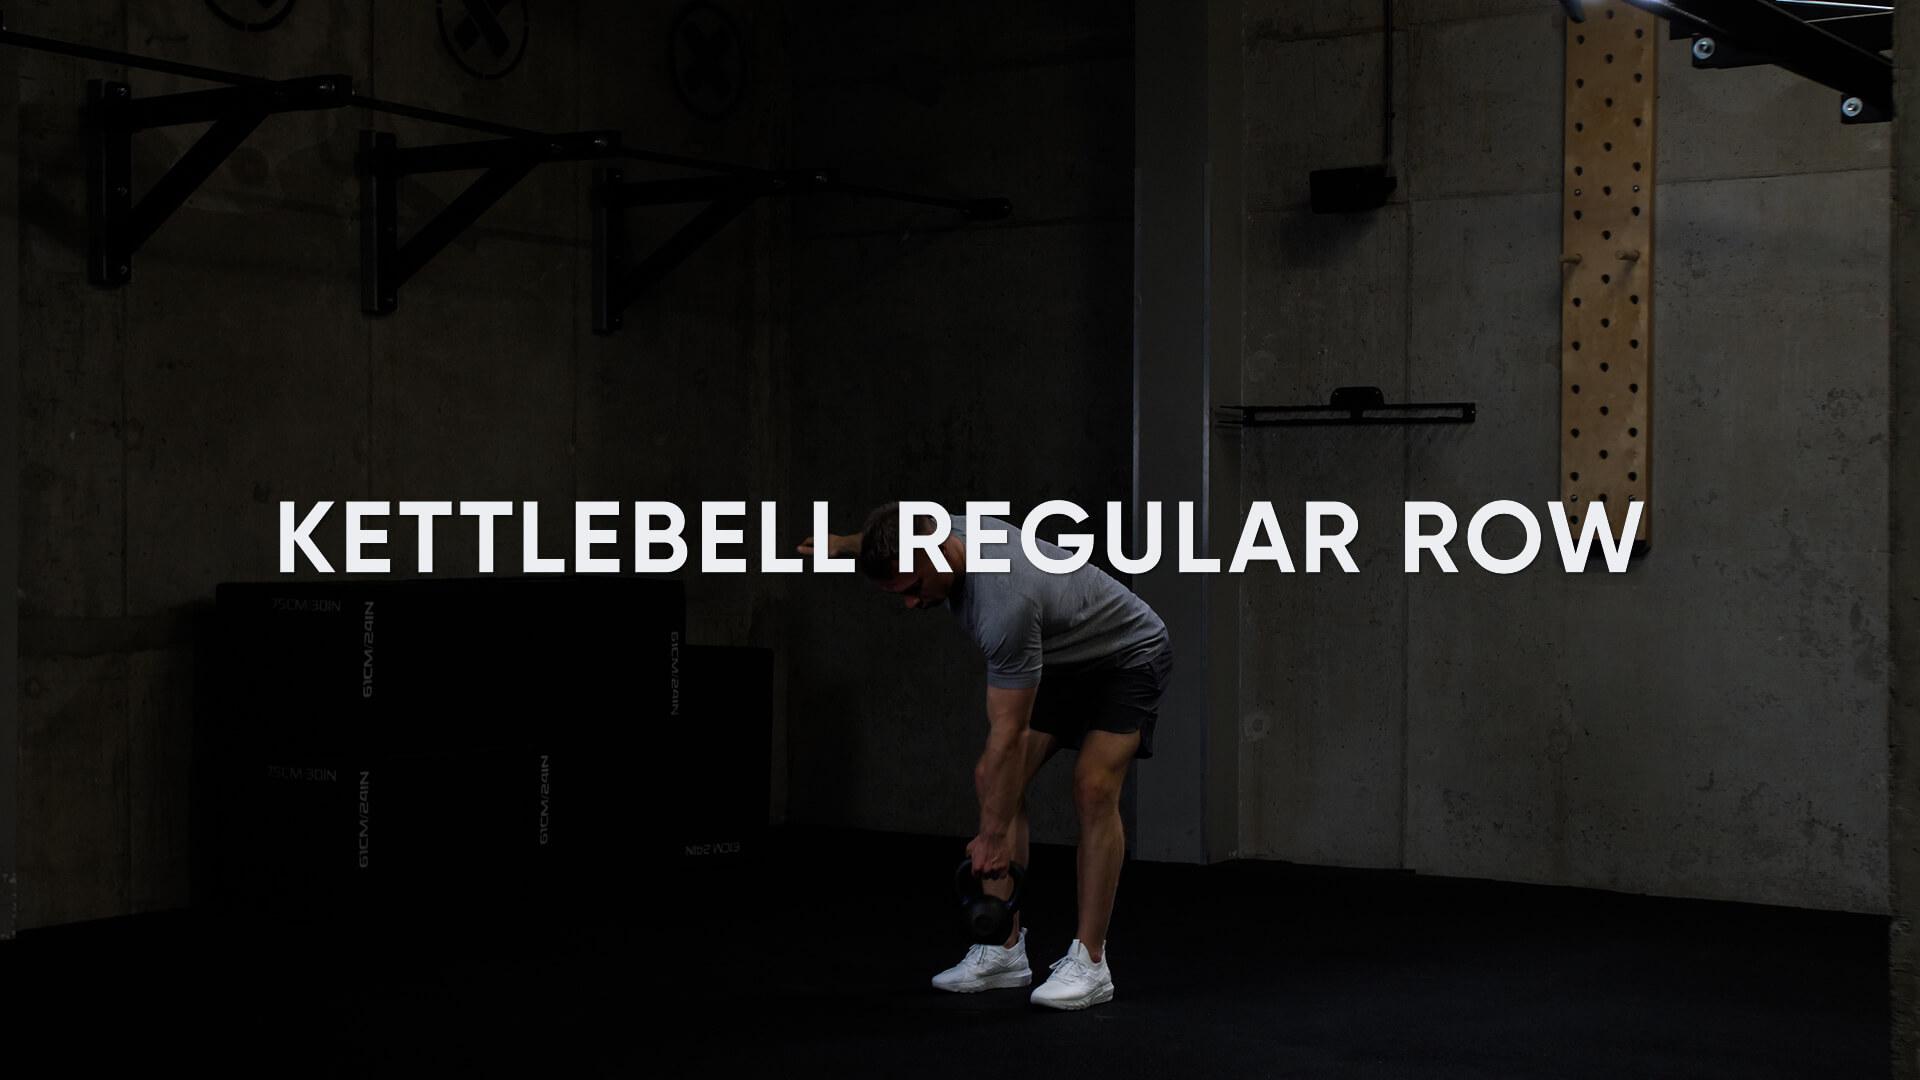 Kettlebell Regular Row